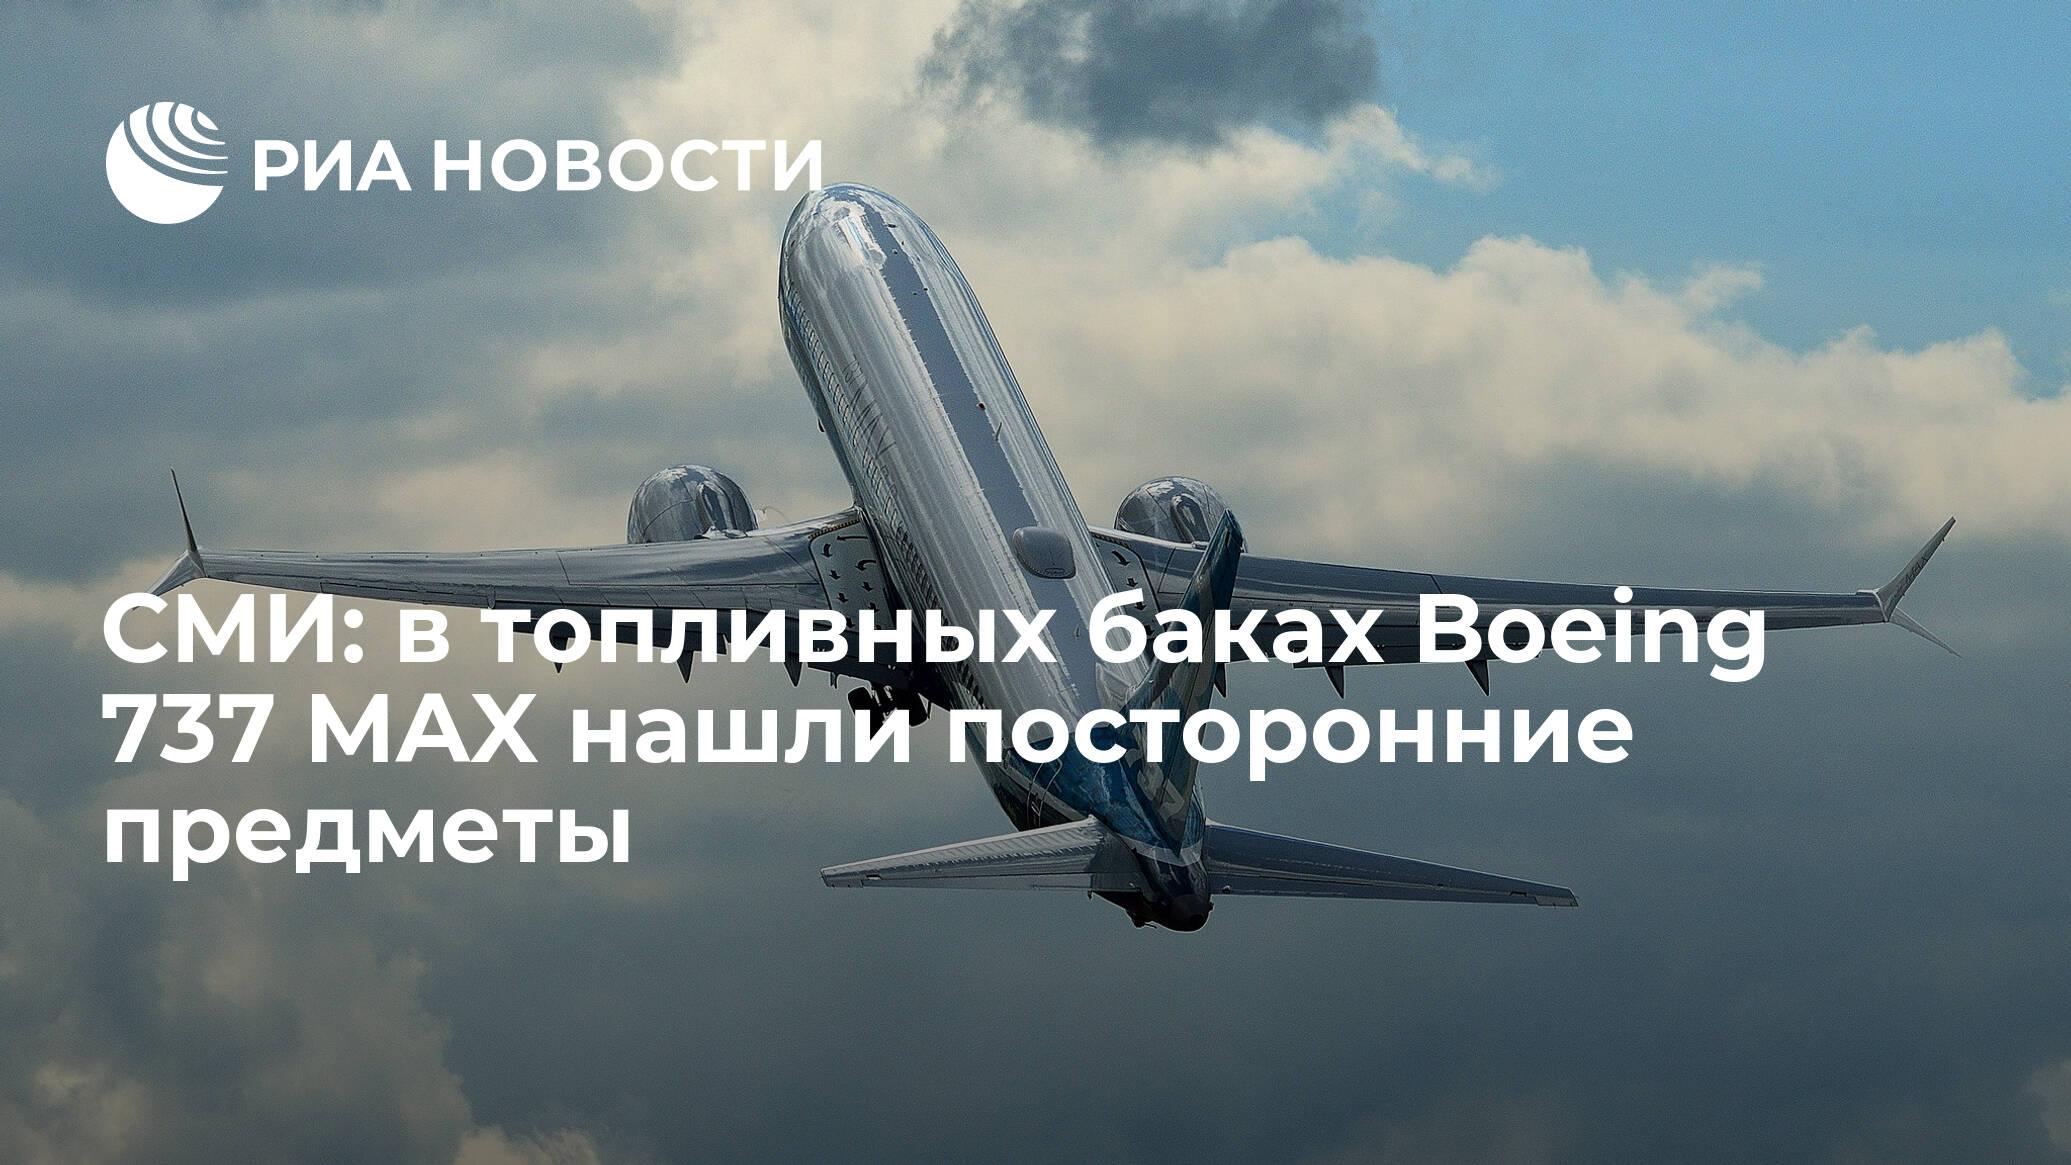 СМИ: в топливных баках Boeing 737 MAX нашли посторонние предметы